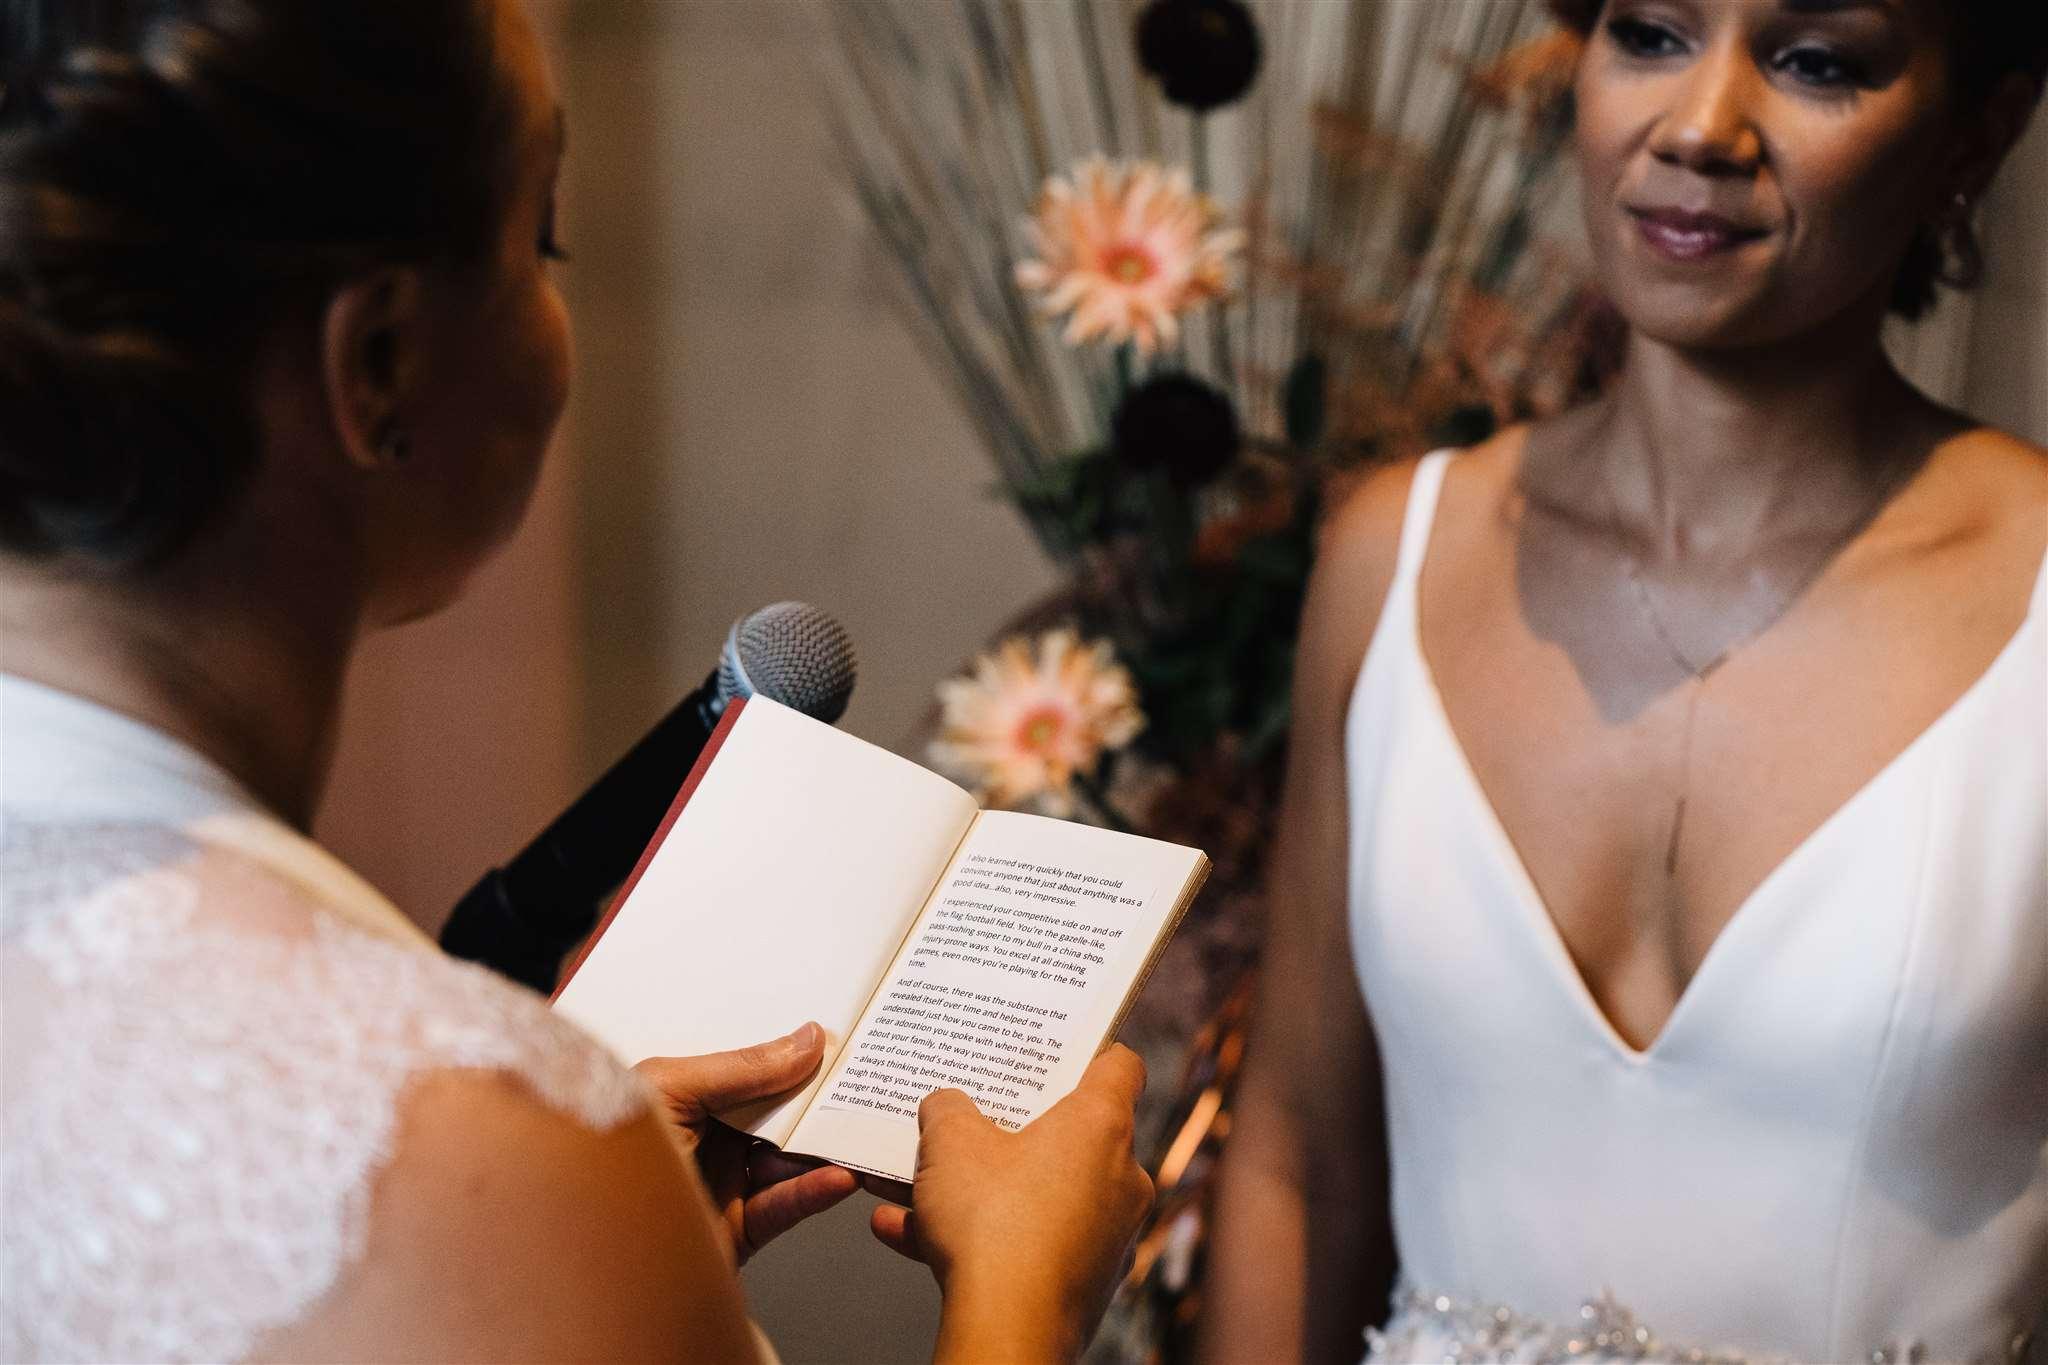 bride reding vows